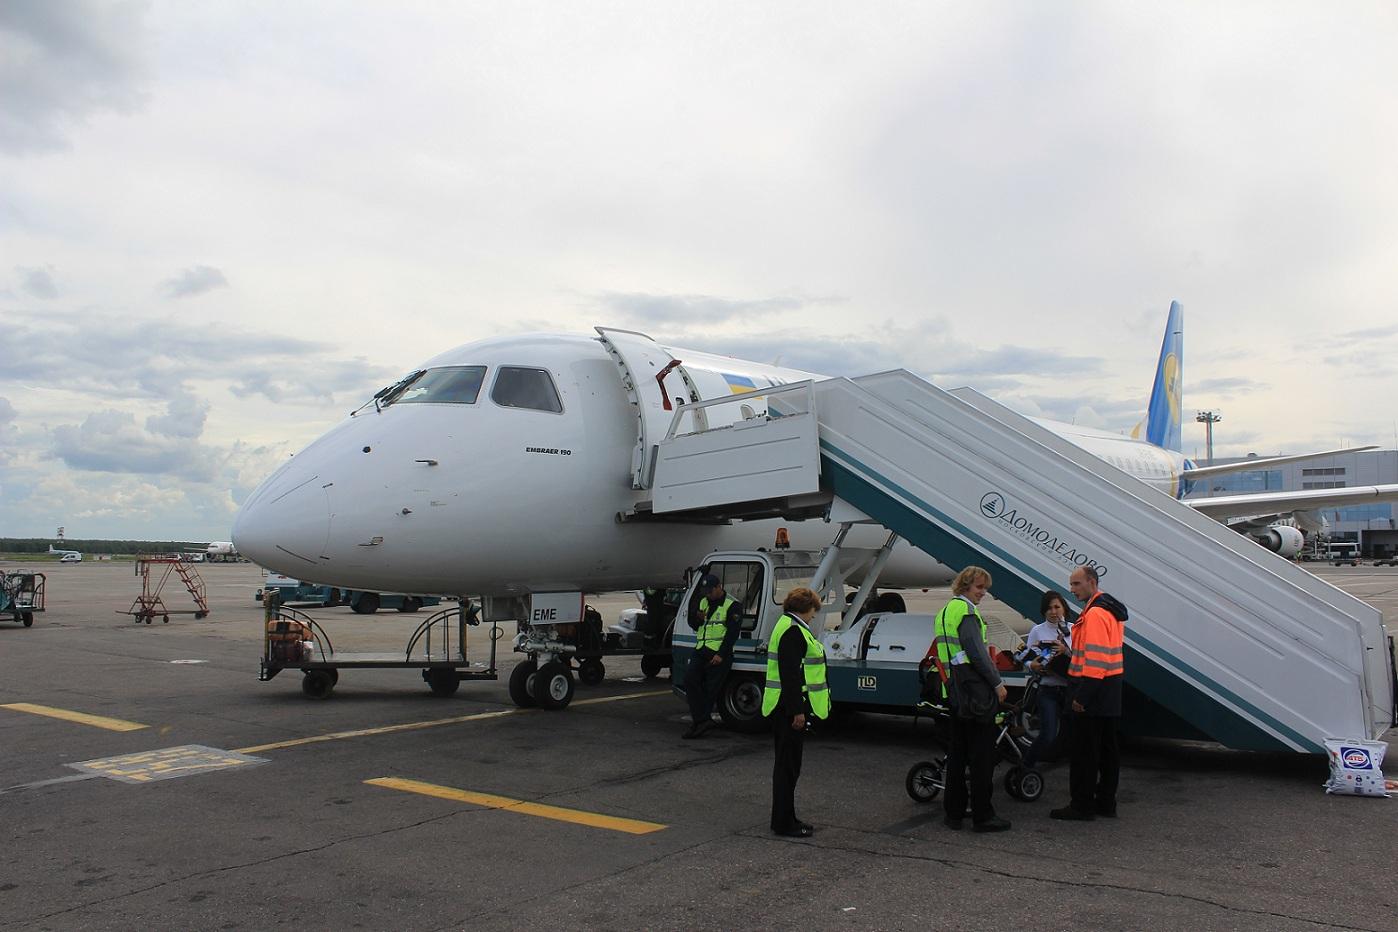 Перелет из Киева в Норильск через международный аэропорт «Домодедово»